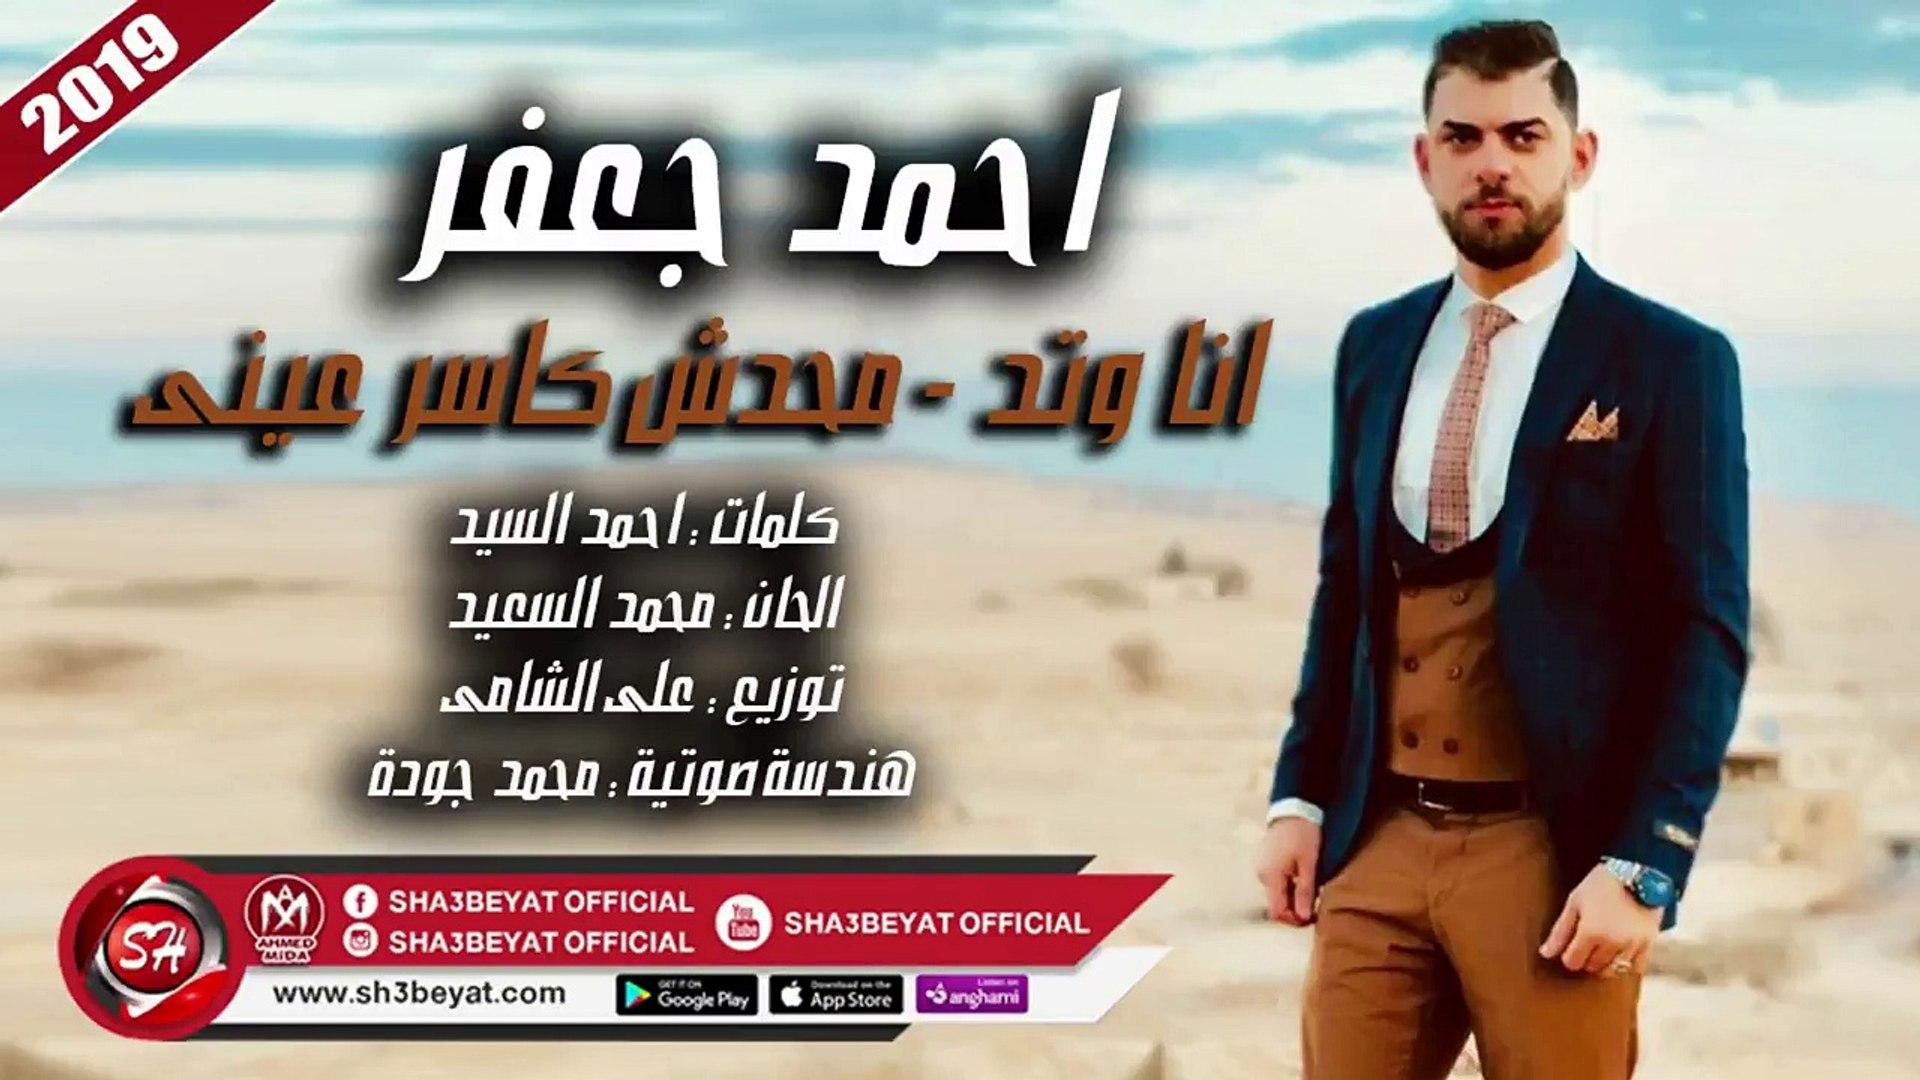 احمد جعفر اغنية انا وتد - محدش كاسر عينى محدش خيره عليا 2019 هتكسر الدنيا على شعبيات